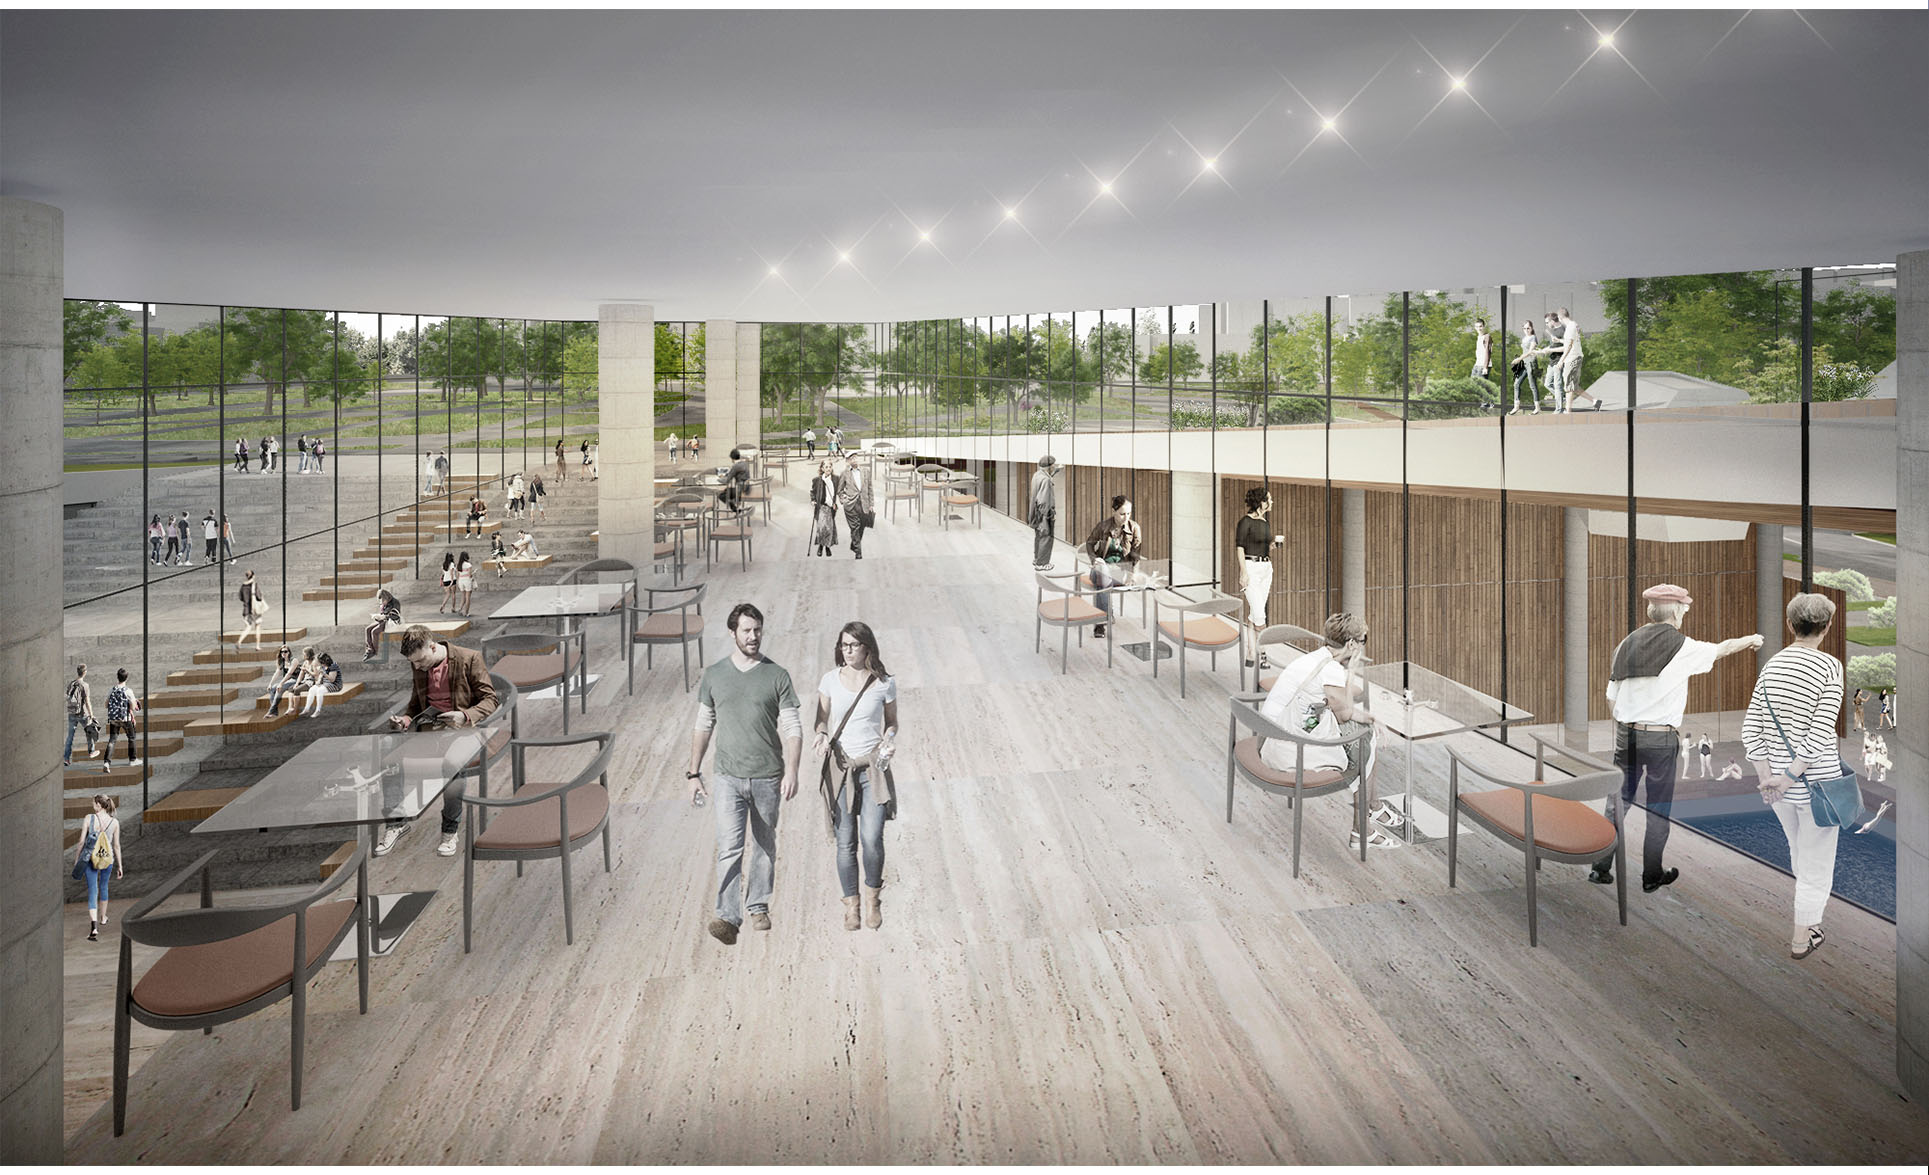 Dodofis mimarlık ofisi bursa kapalı spor salonu ve yüzme havuzu